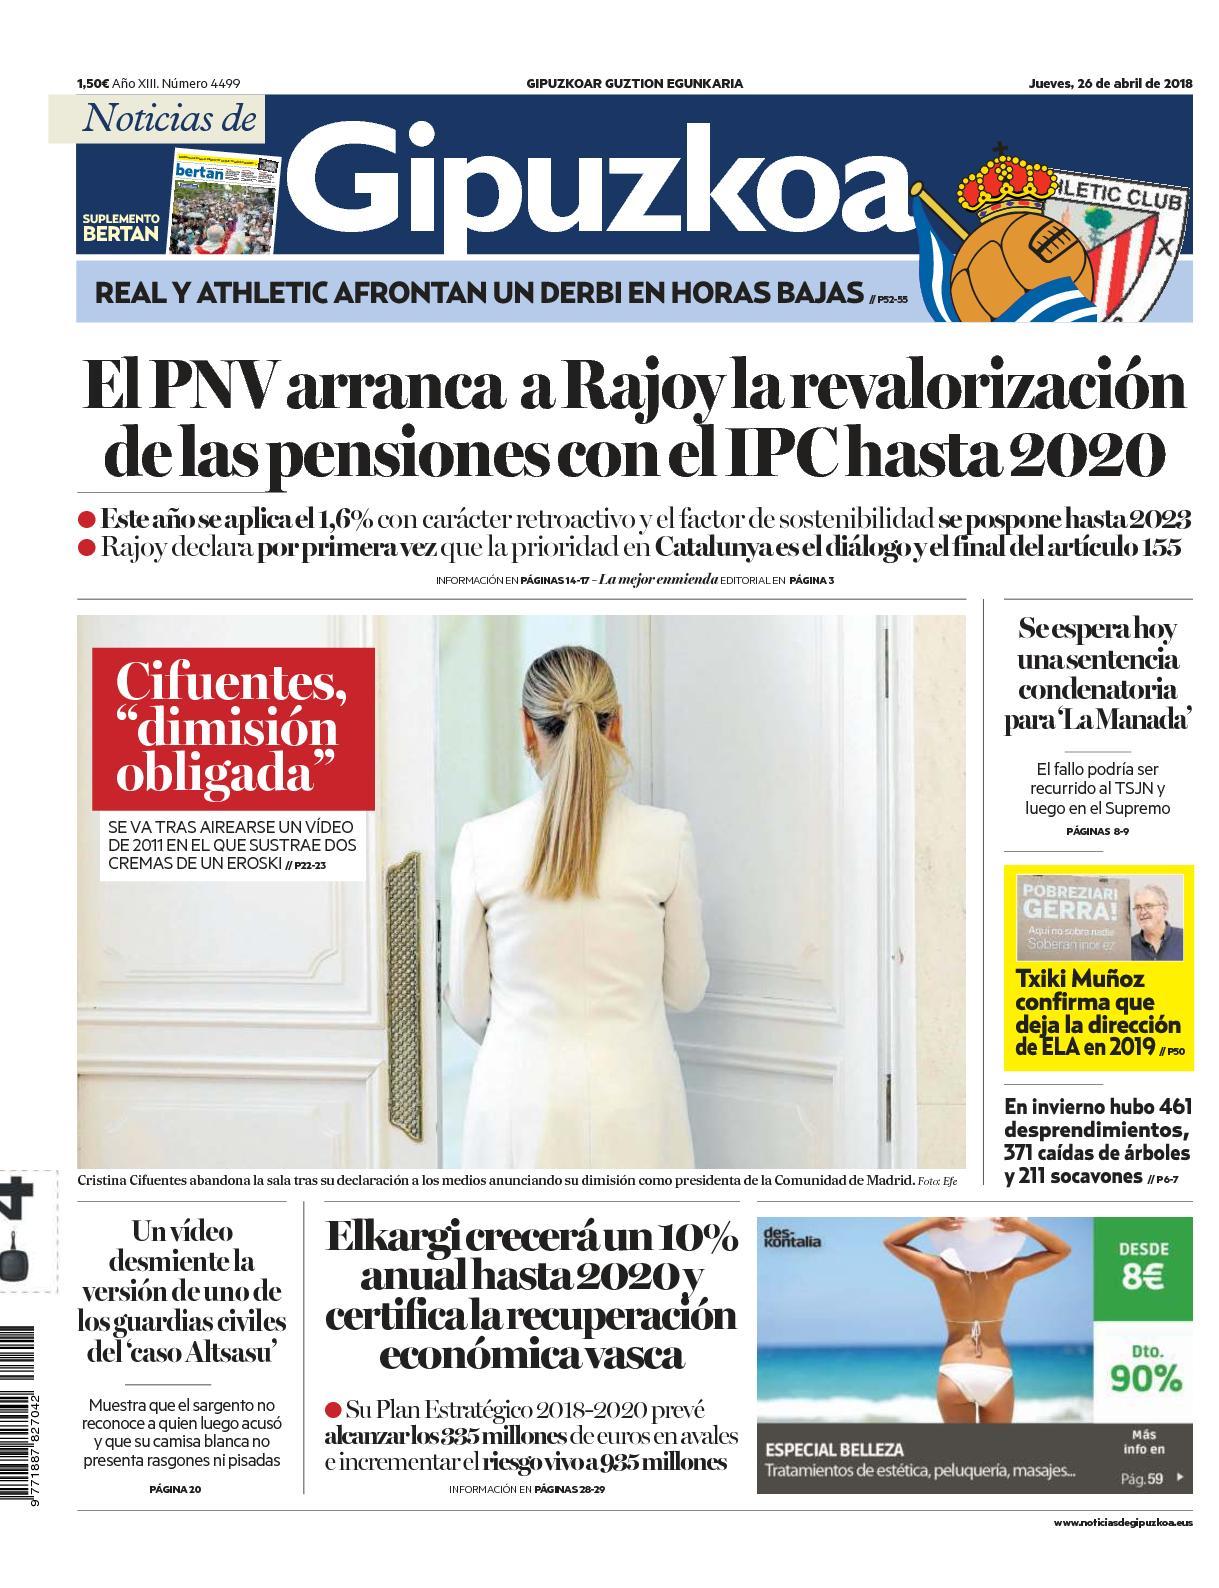 Alba De Silva Actriz Porno El Reflejo Del Vicio calaméo - noticias de gipuzkoa 20180426